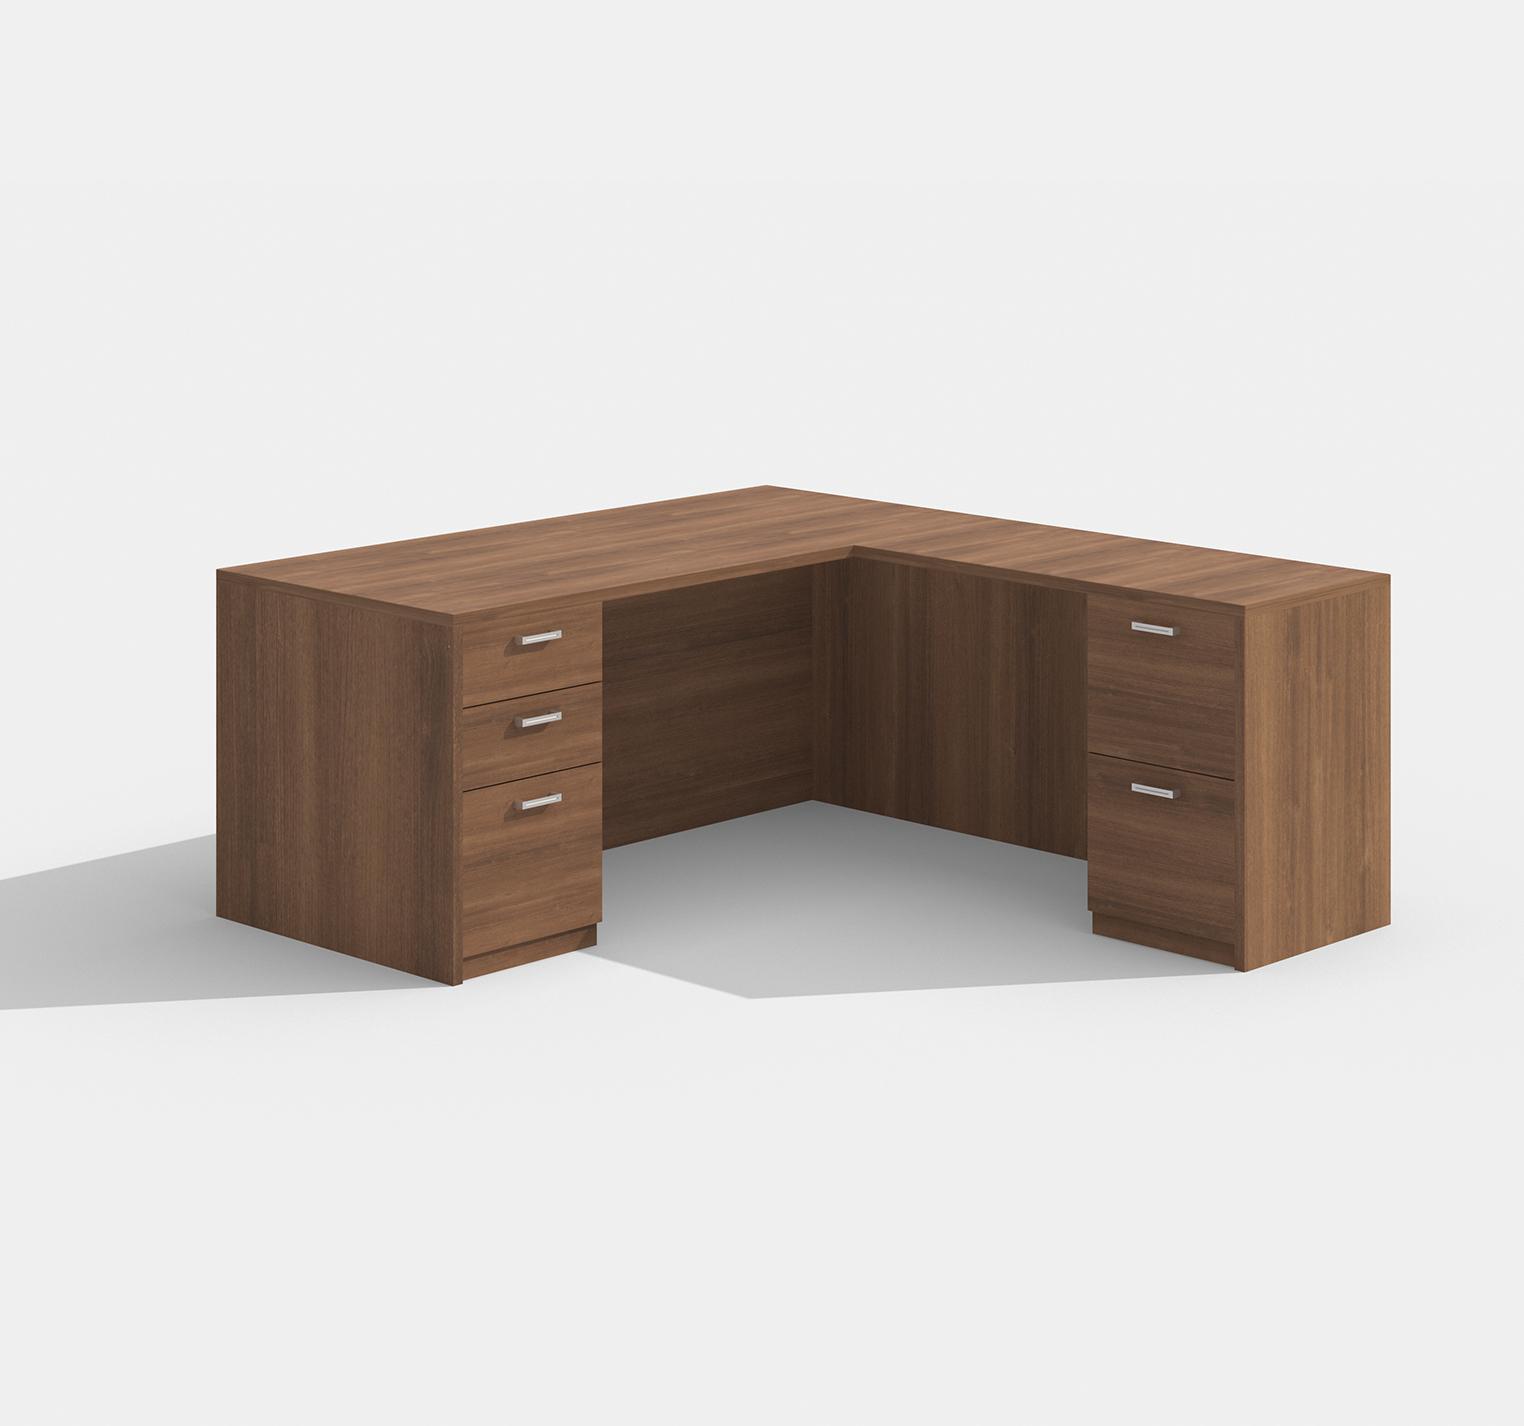 cherryman model am-418n walnut l-desk